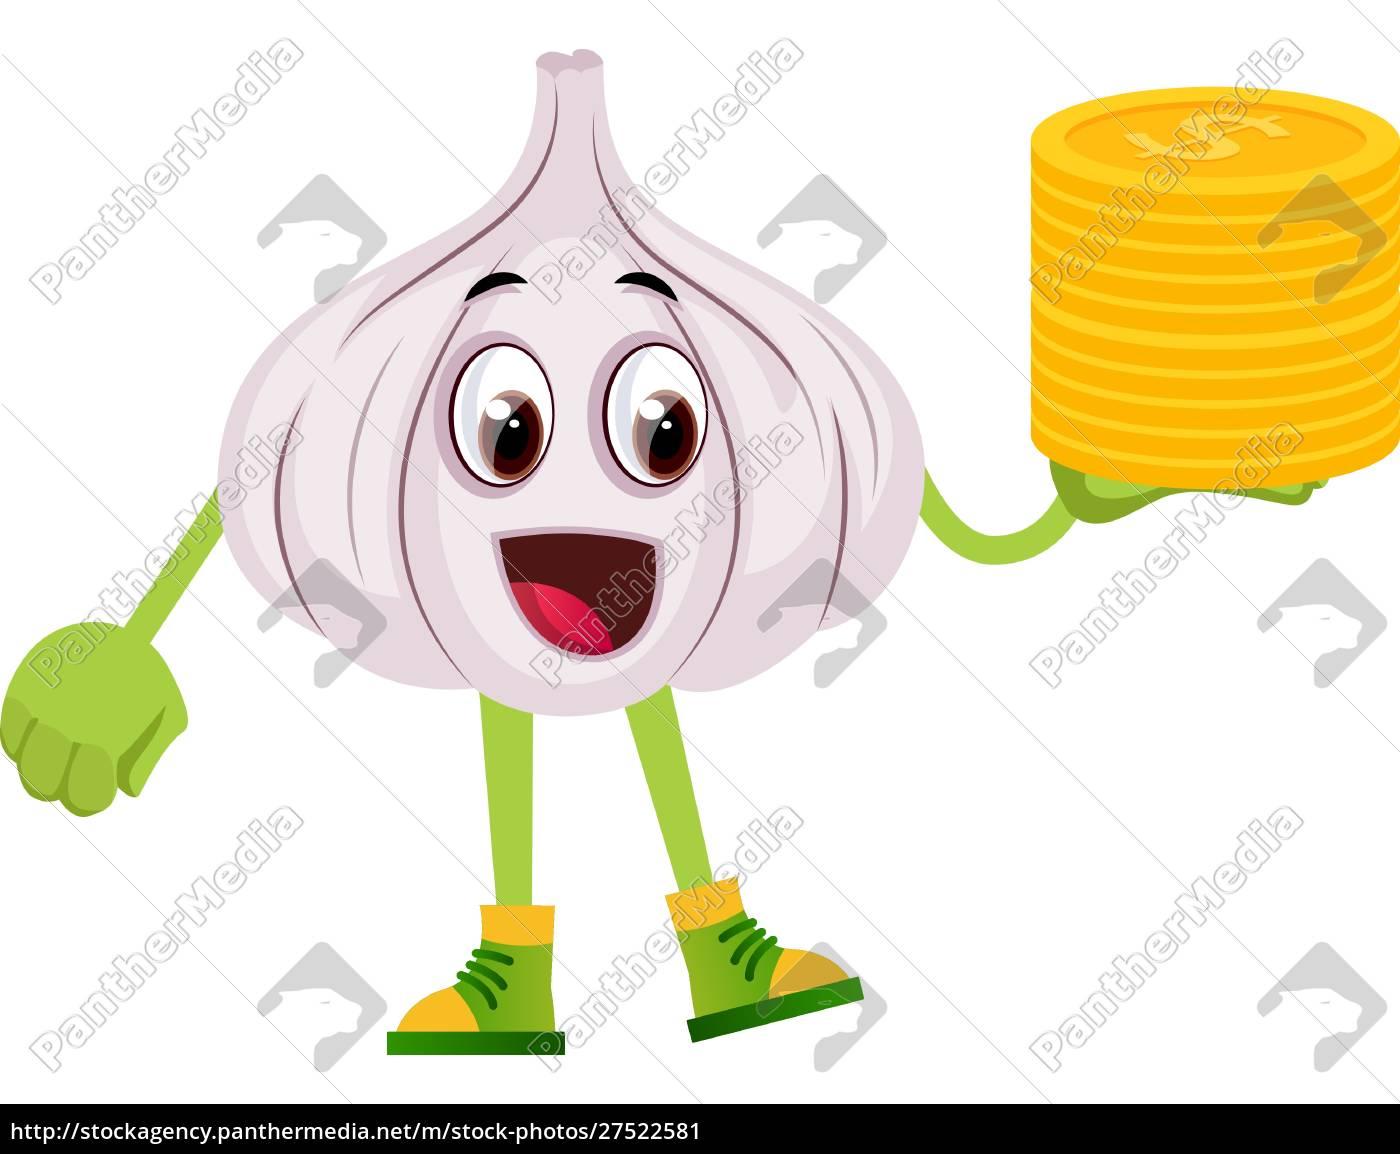 knoblauch, mit, münzen, illustration, vektor, auf, weißem, hintergrund. - 27522581